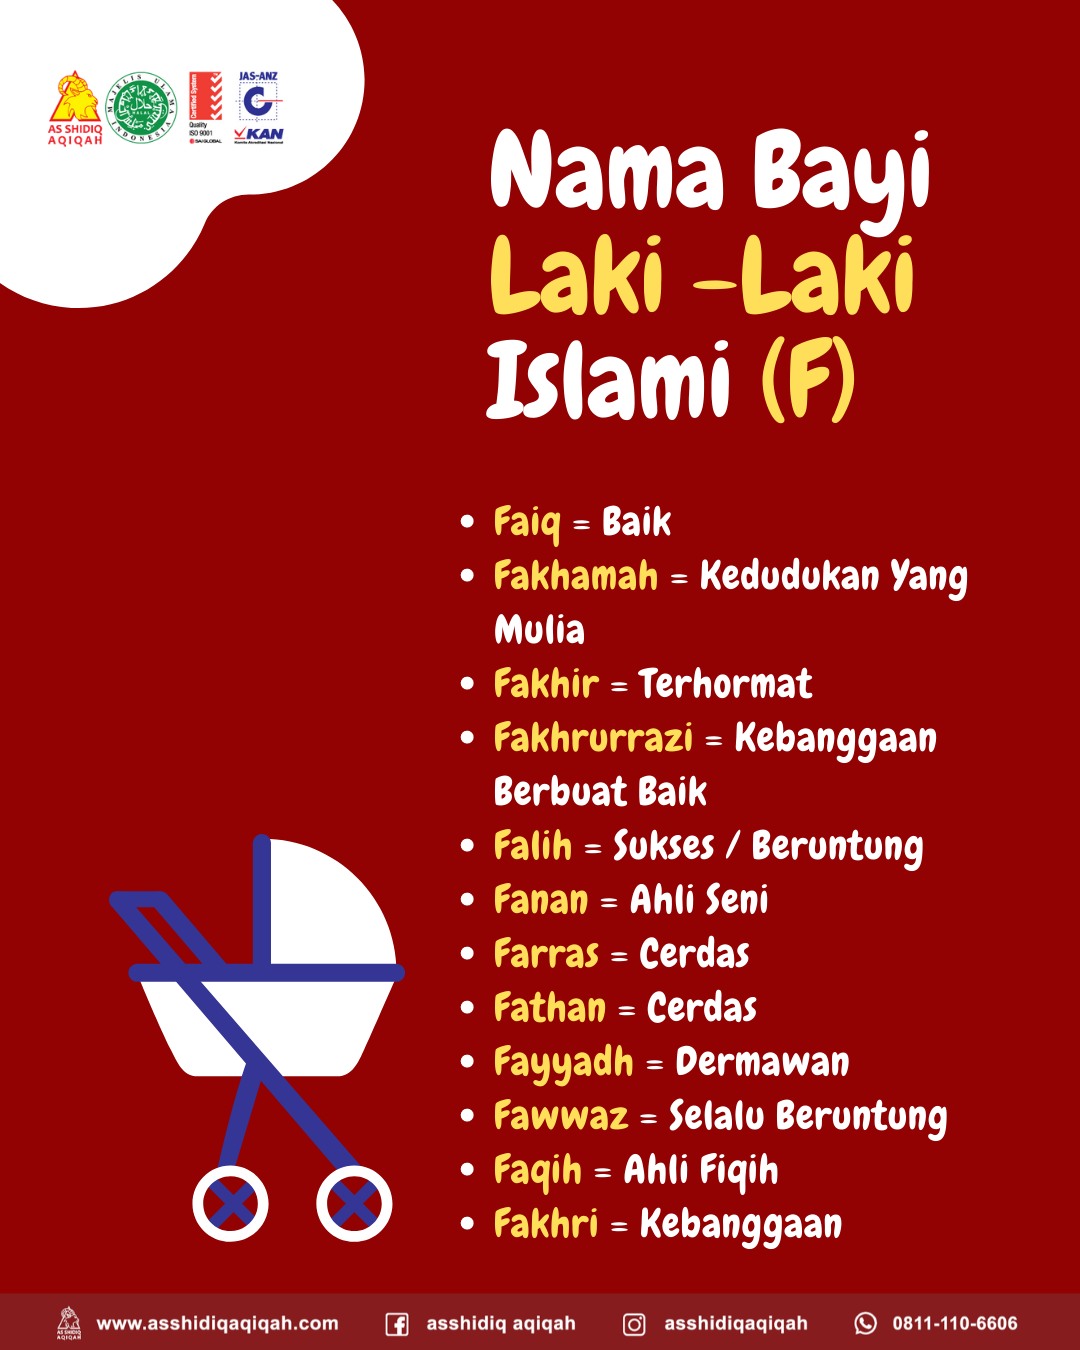 Nama Bayi Laki Laki Islami Nama Nama Bayi Kata Kata Motivasi Nama Bayi Laki Laki